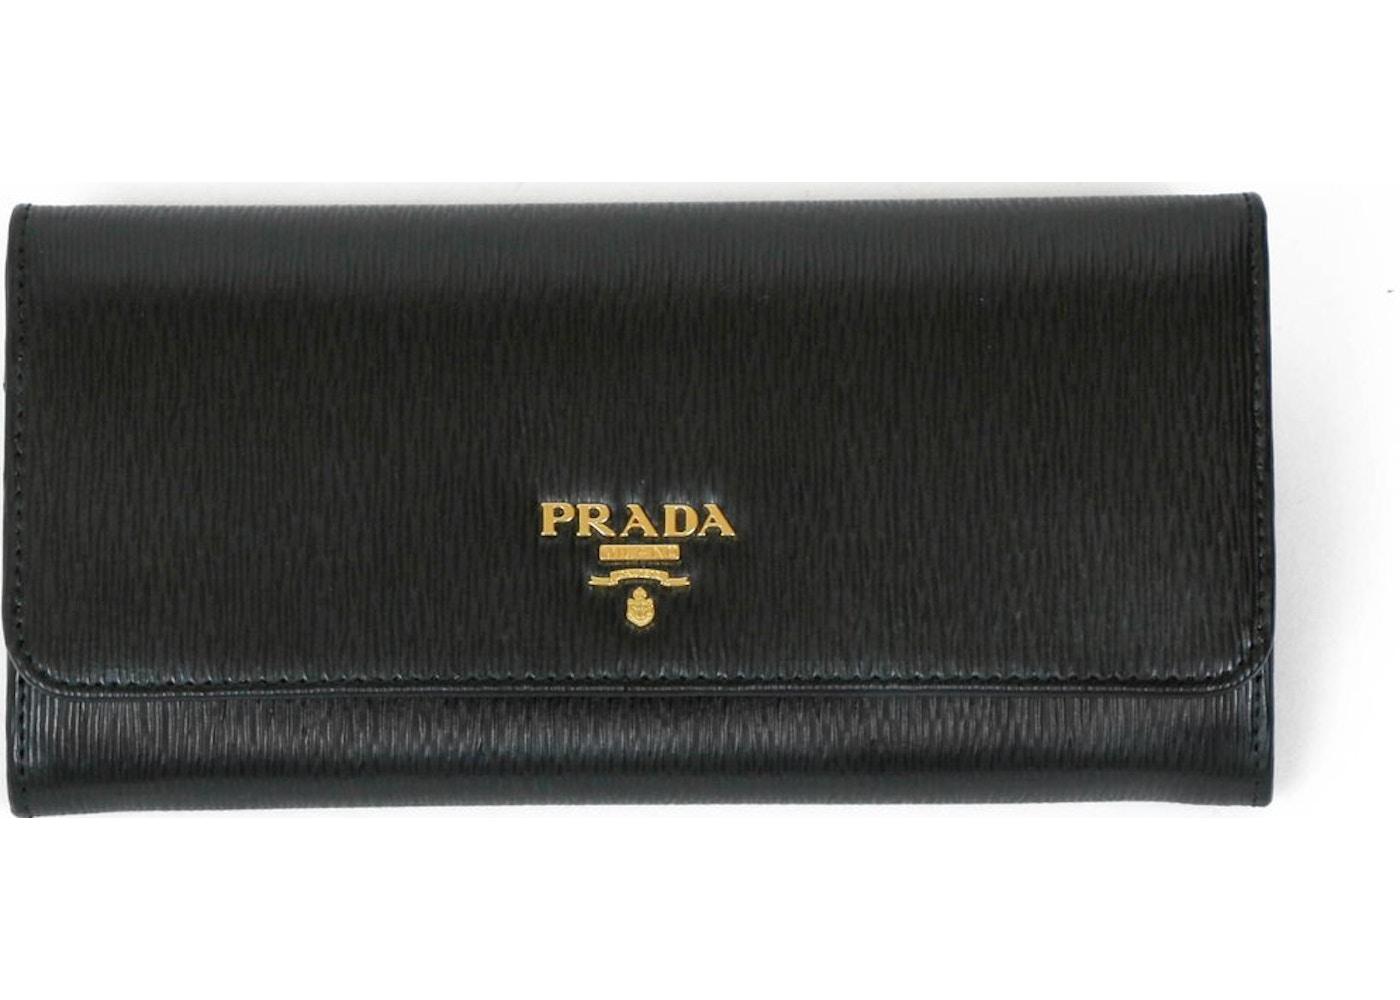 00d0c1e55a29 Prada Continental Flap Wallet Detachable Case Black. Detachable Case Black